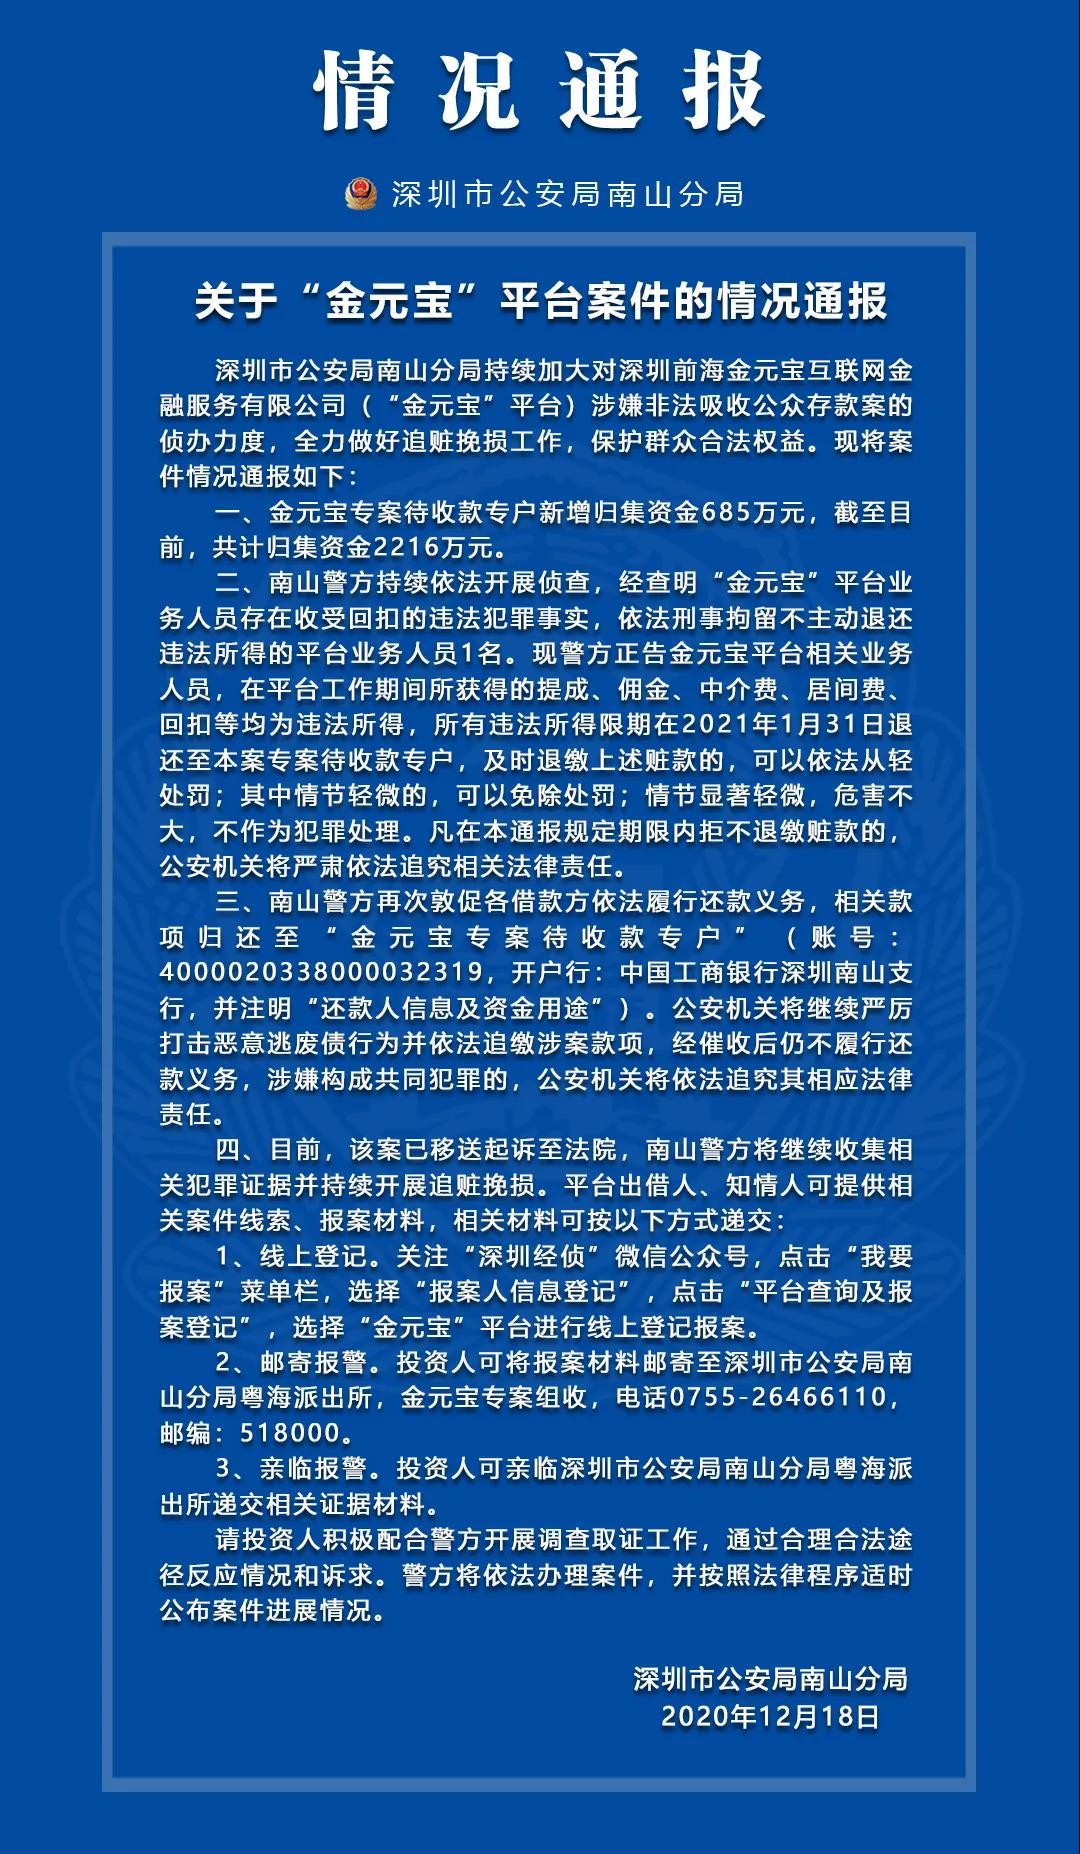 金元宝案最新进展:一业务员不退换违法所得被拘留